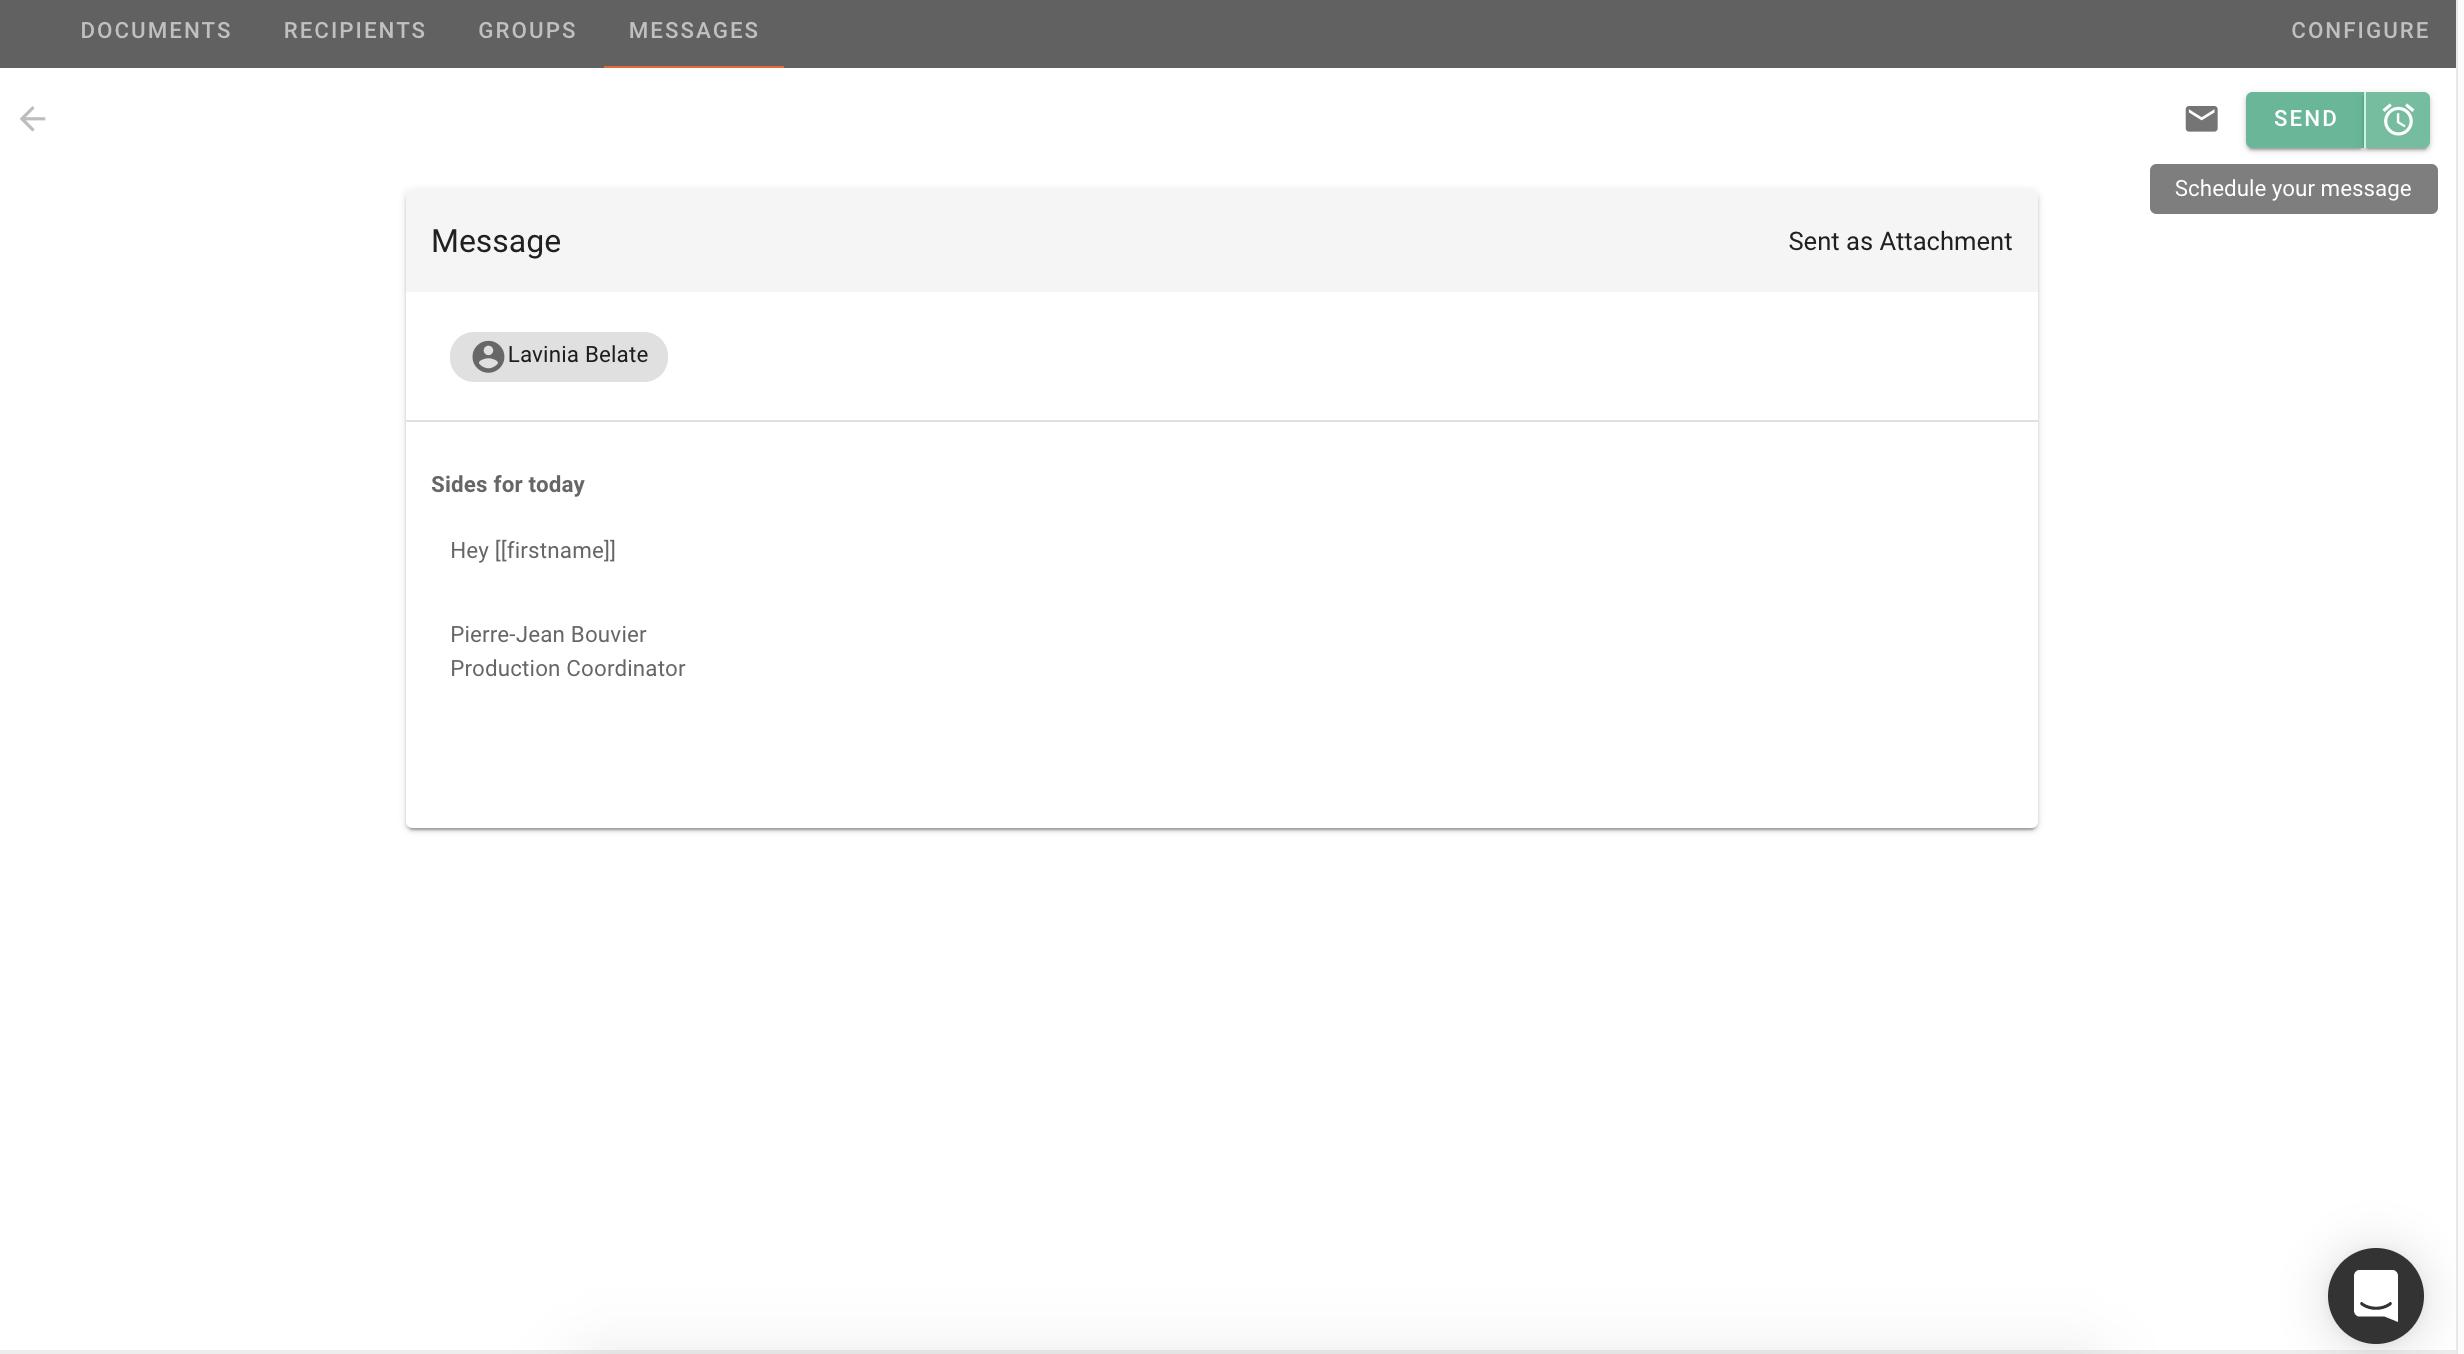 Screenshot 2021-02-24 at 17.53.33.png